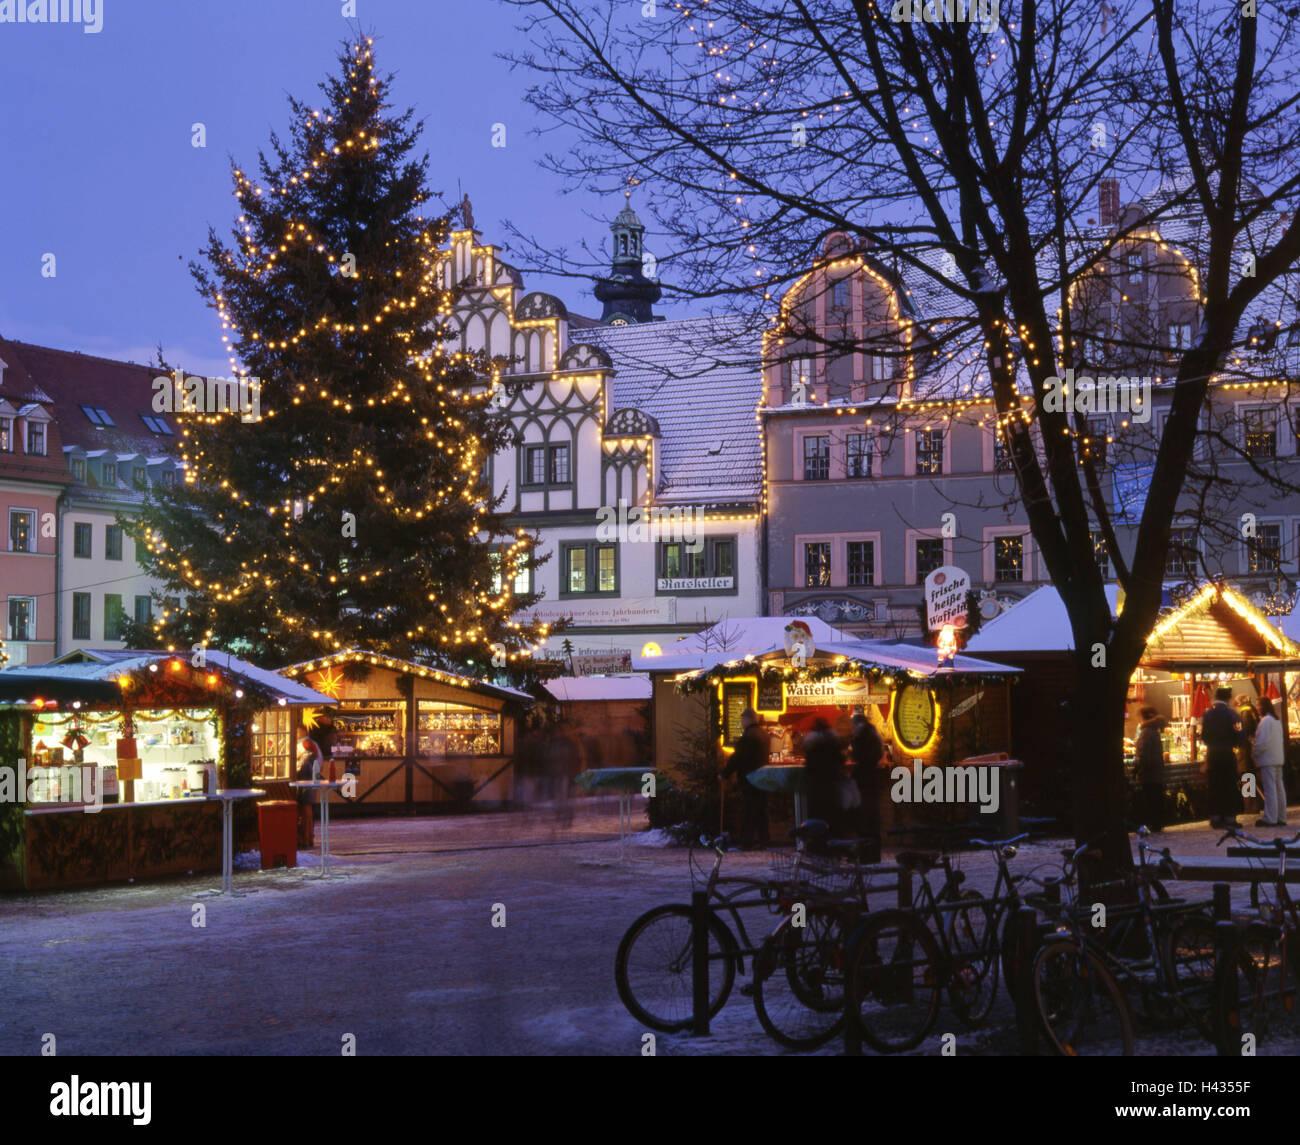 Weihnachtsmarkt übersicht.Deutschland Thüringen Weimar Weihnachtsmarkt Stimmung Voll